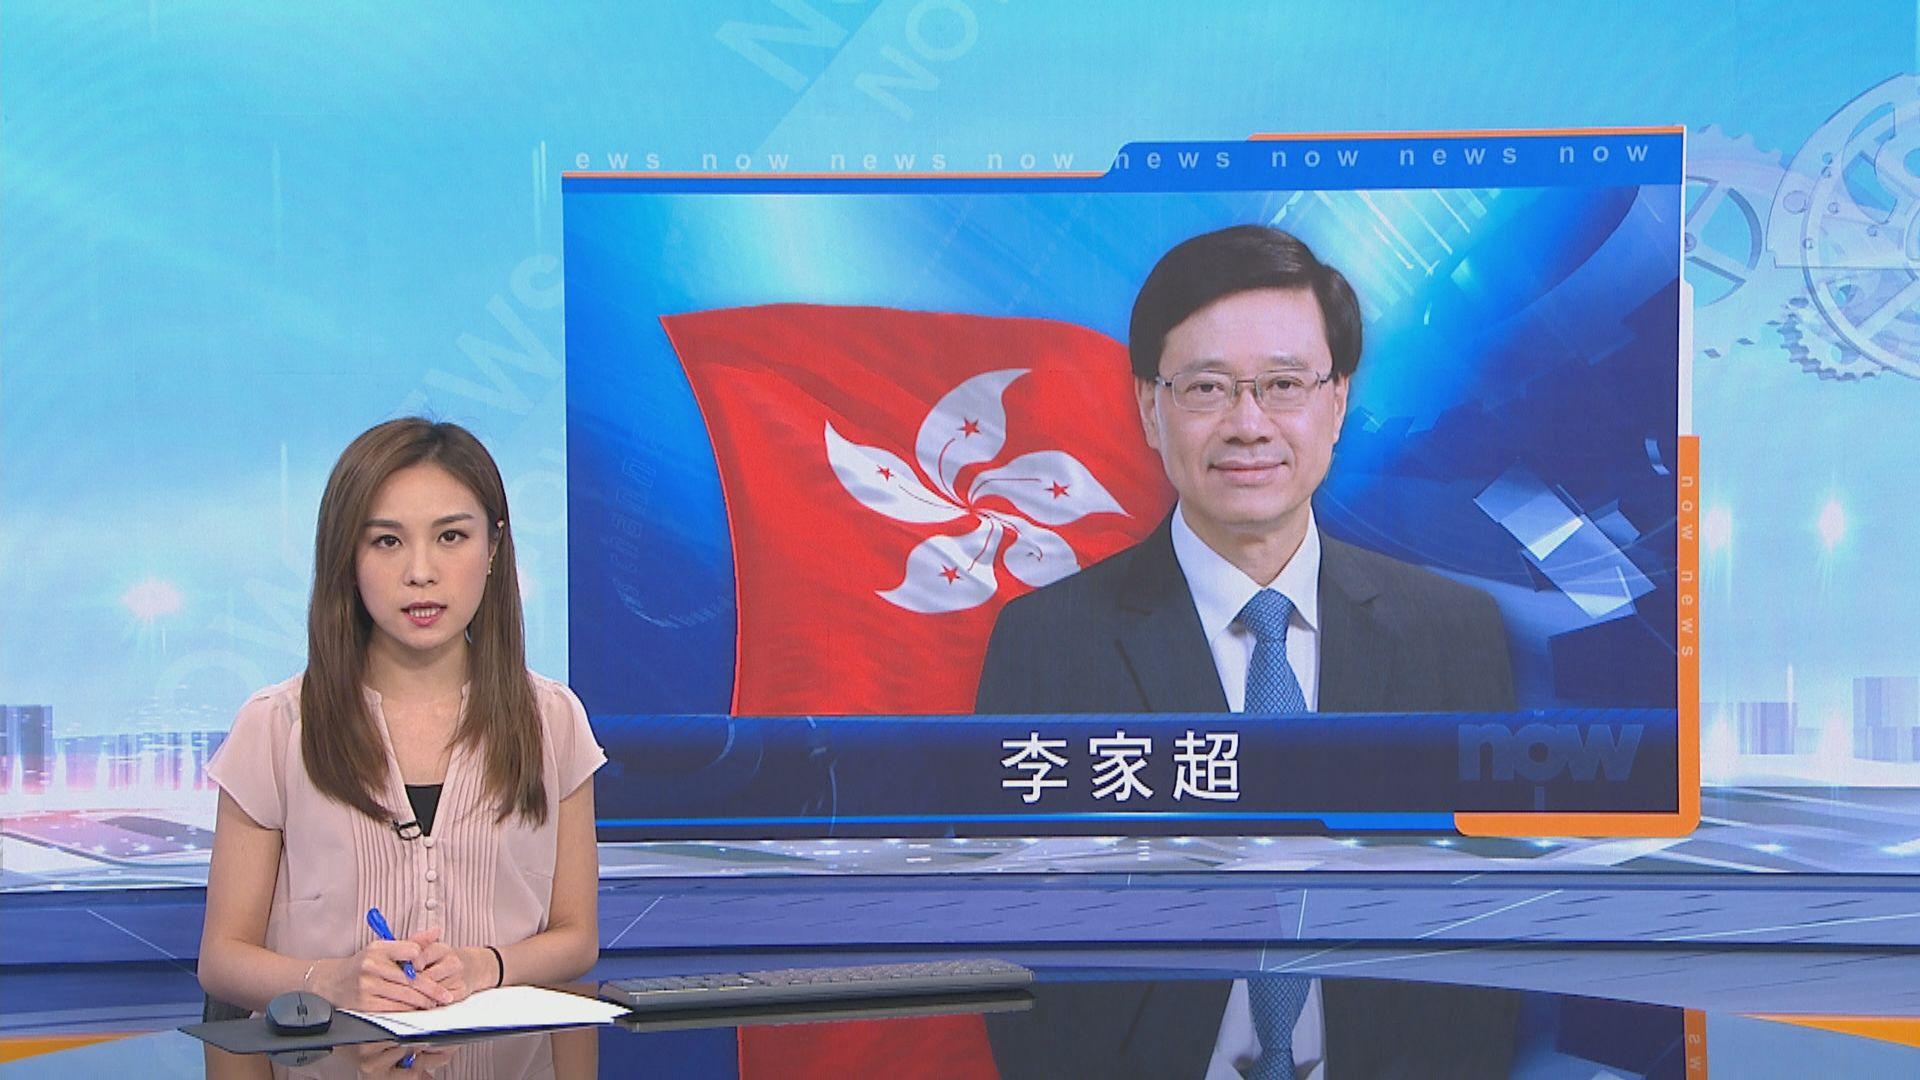 李家超反對削警隊開支 質疑議員拒絕與港獨割席